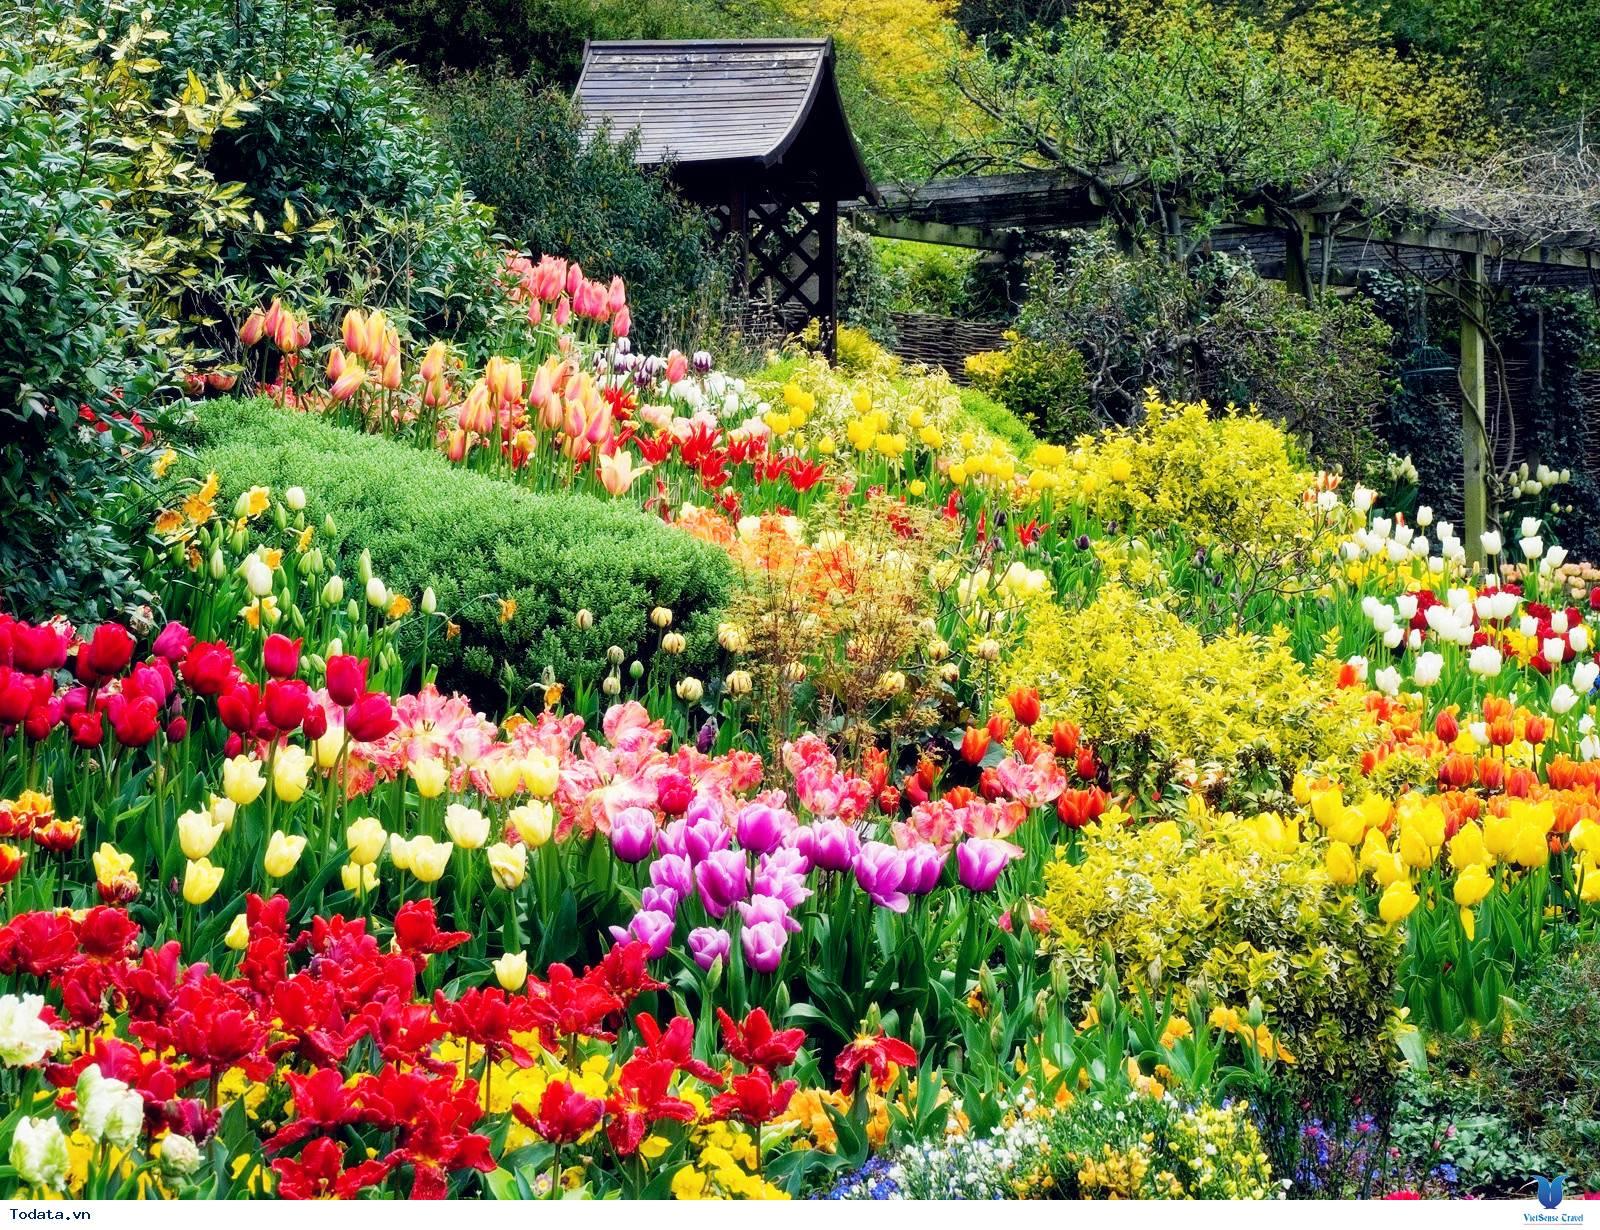 Khám phá vẻ đẹp của thành phố ngàn hoa - Ảnh 2